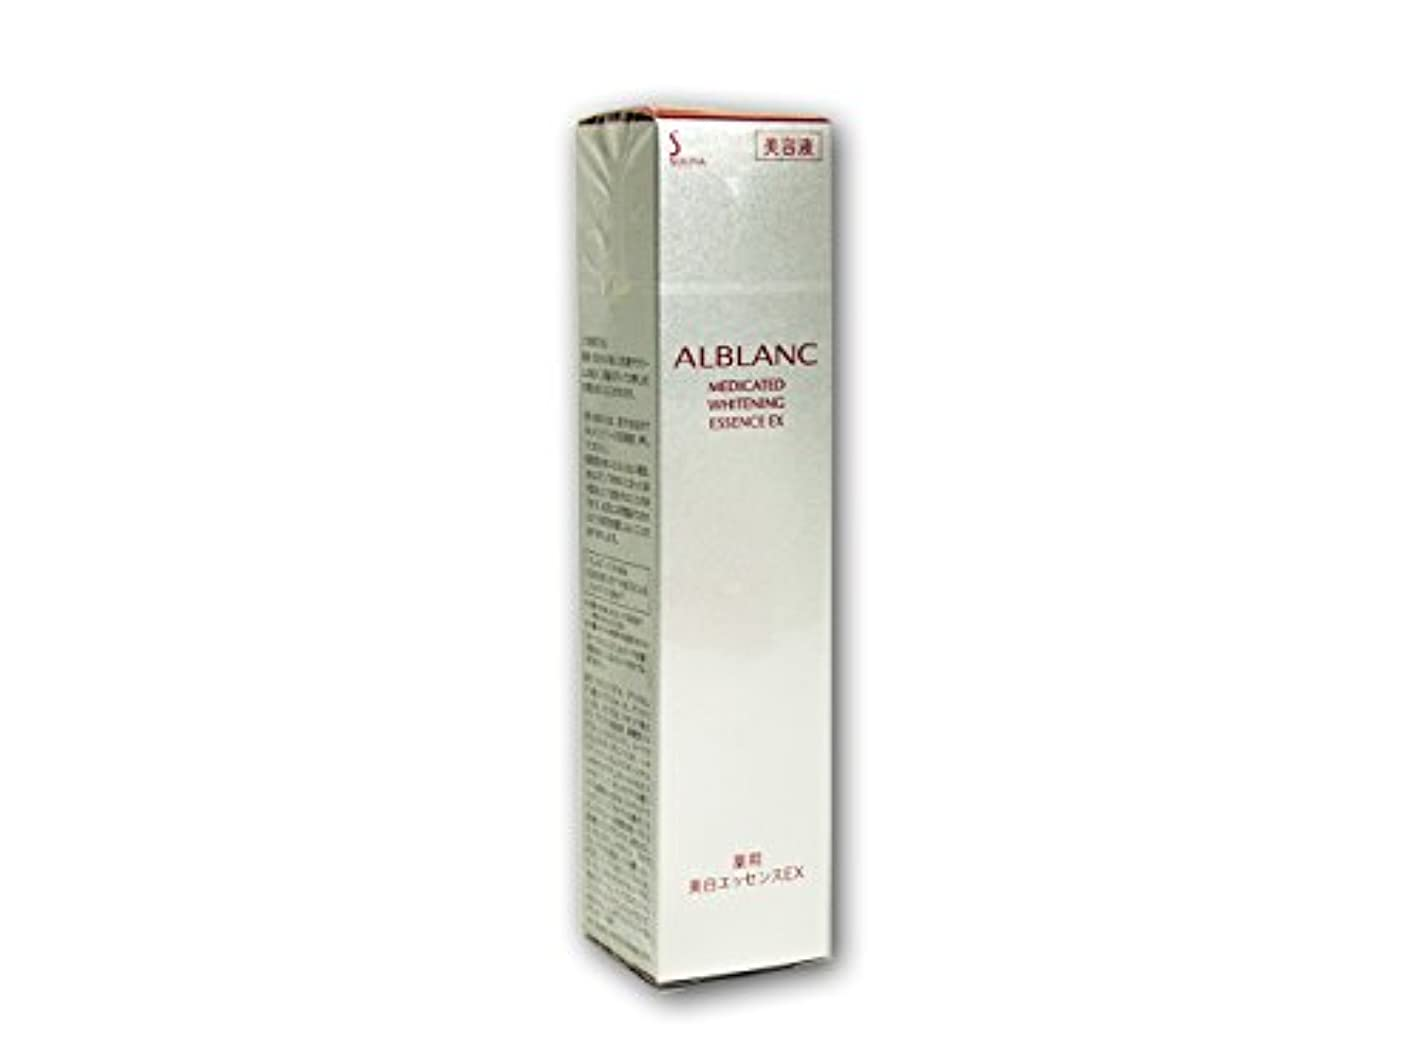 顕著実現可能性存在する花王 ソフィーナ アルブラン 薬用美白エッセンスEX 40g